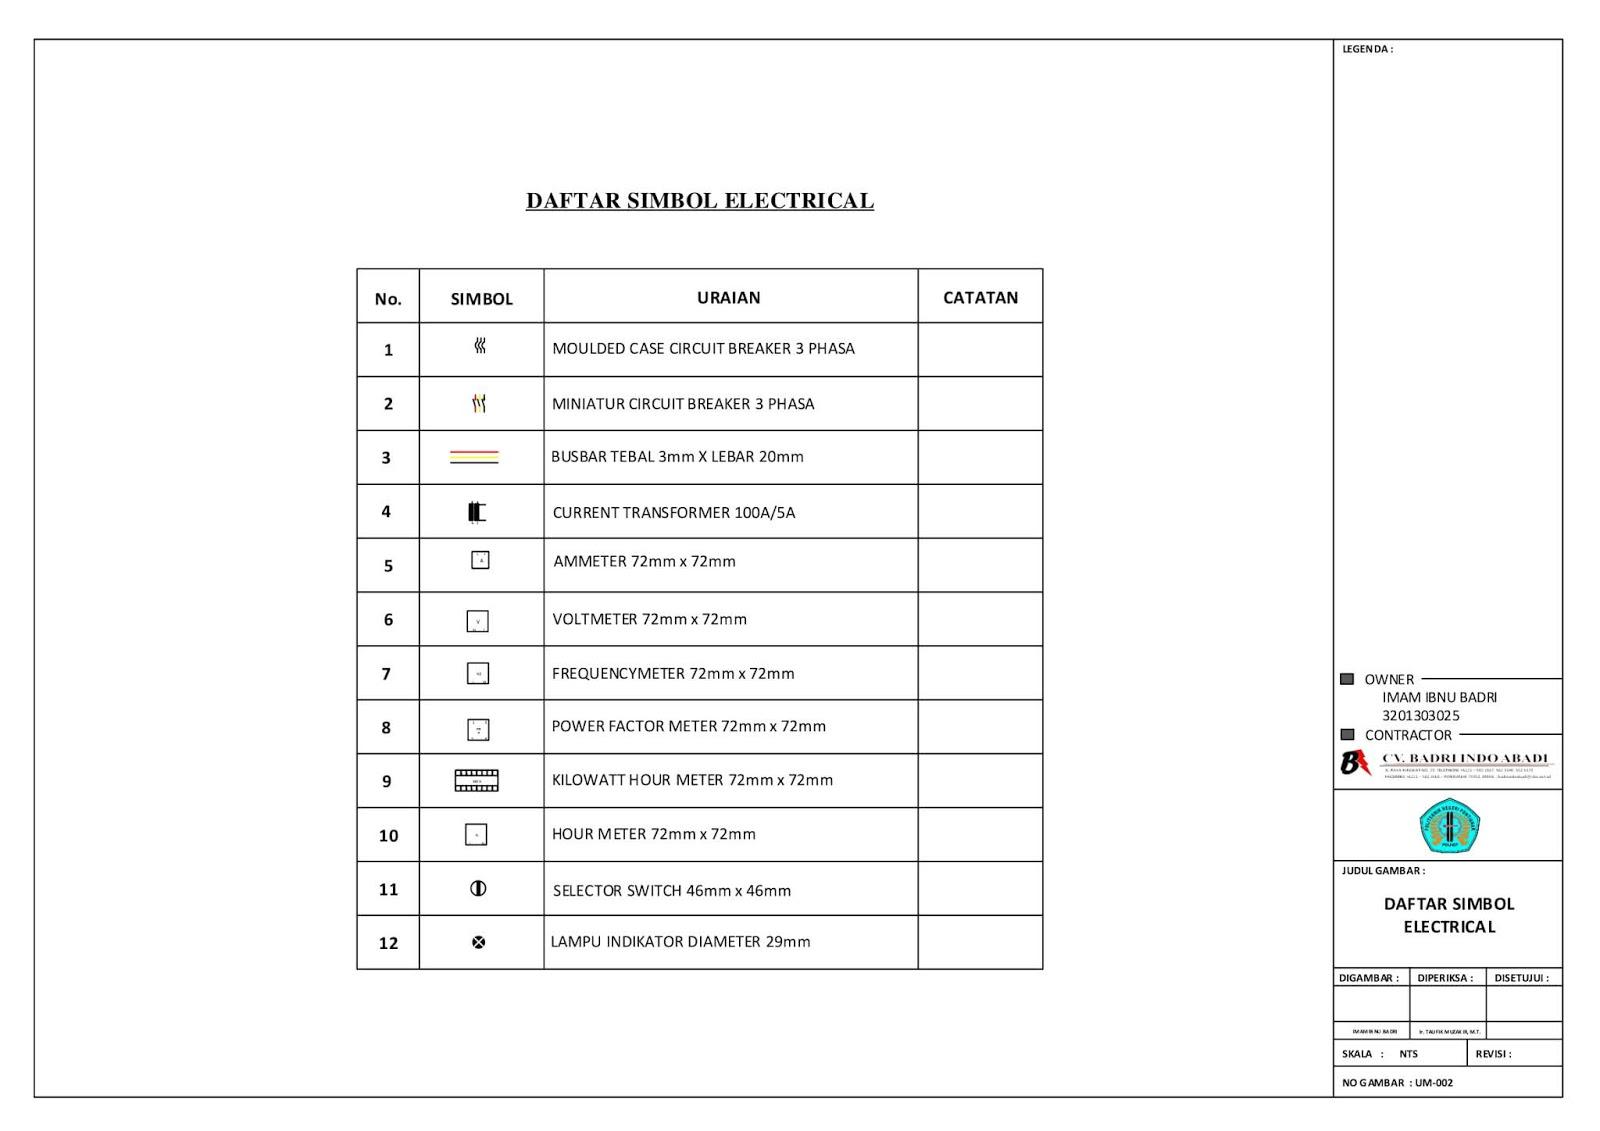 Daftar Simbol Electrical